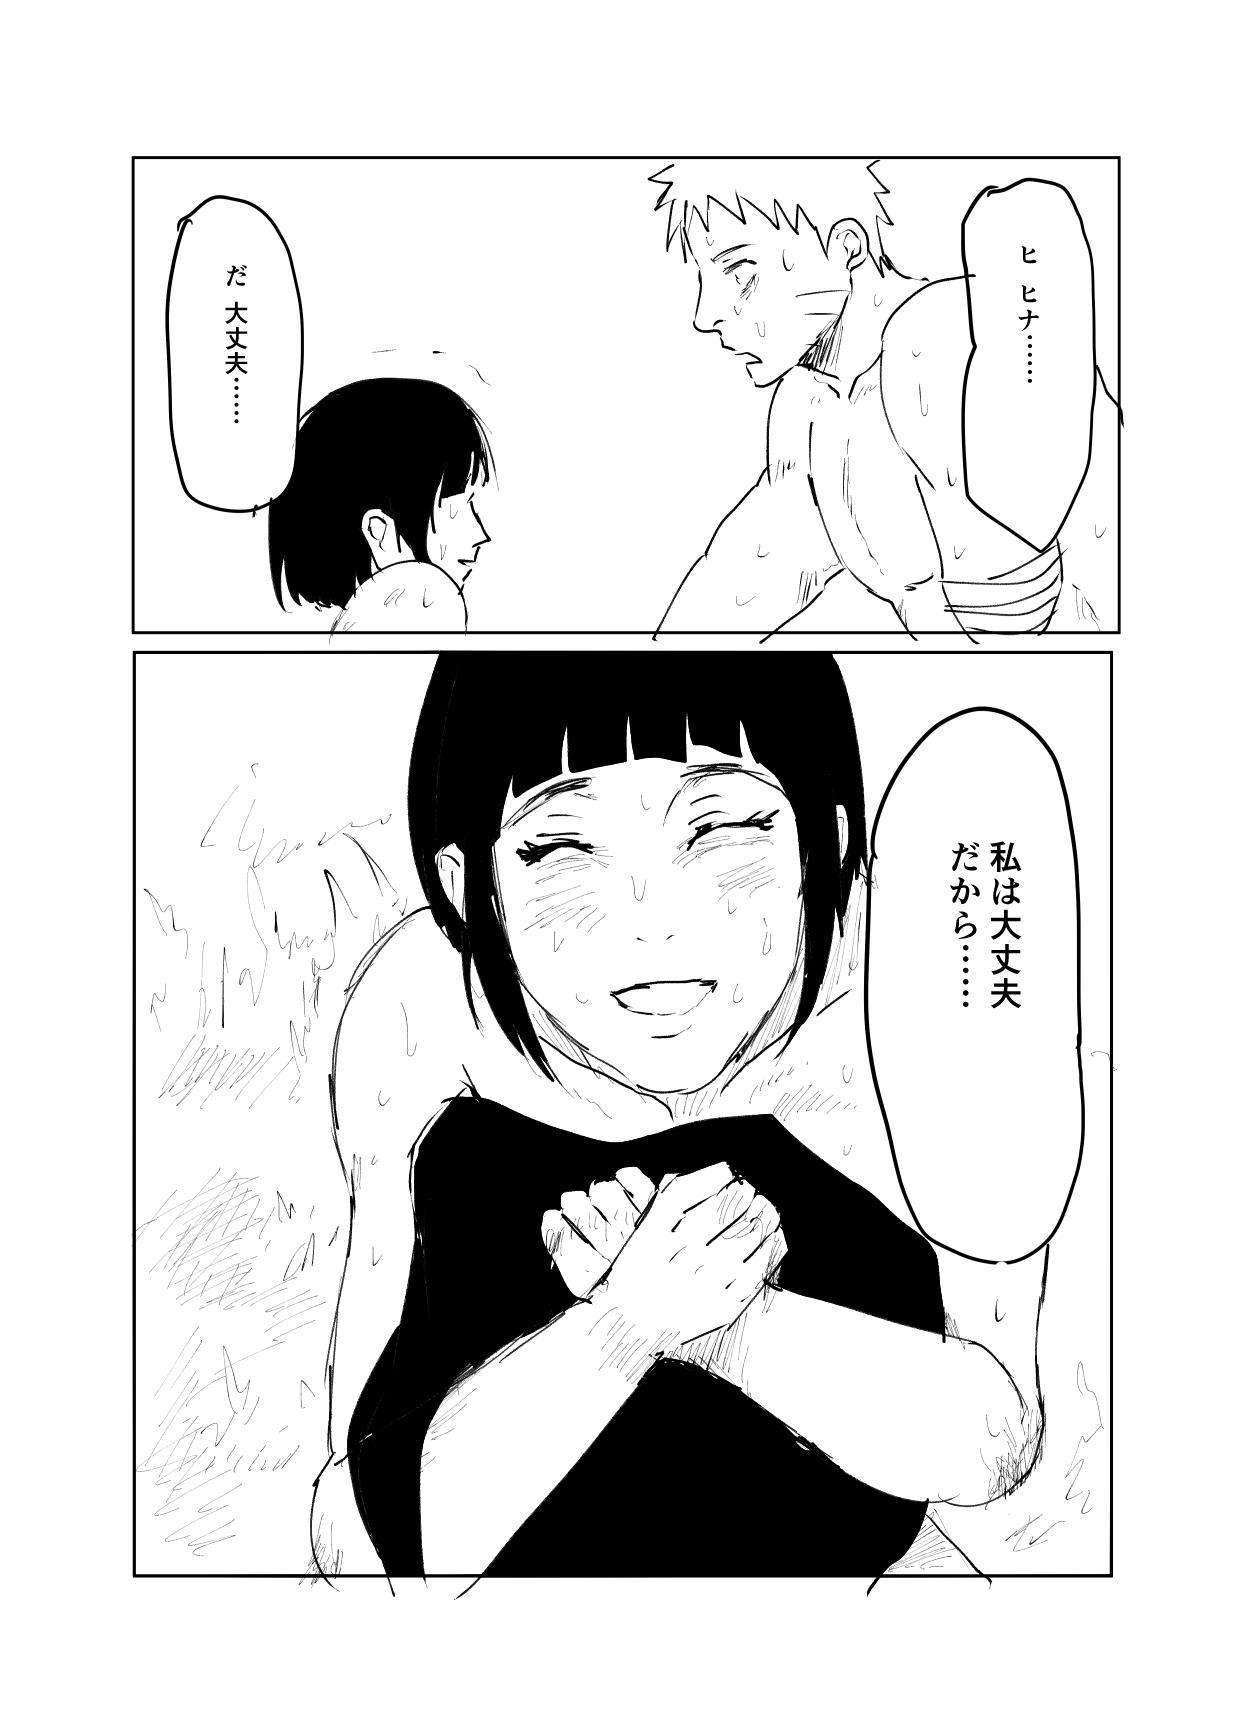 嘘告白漫画 76